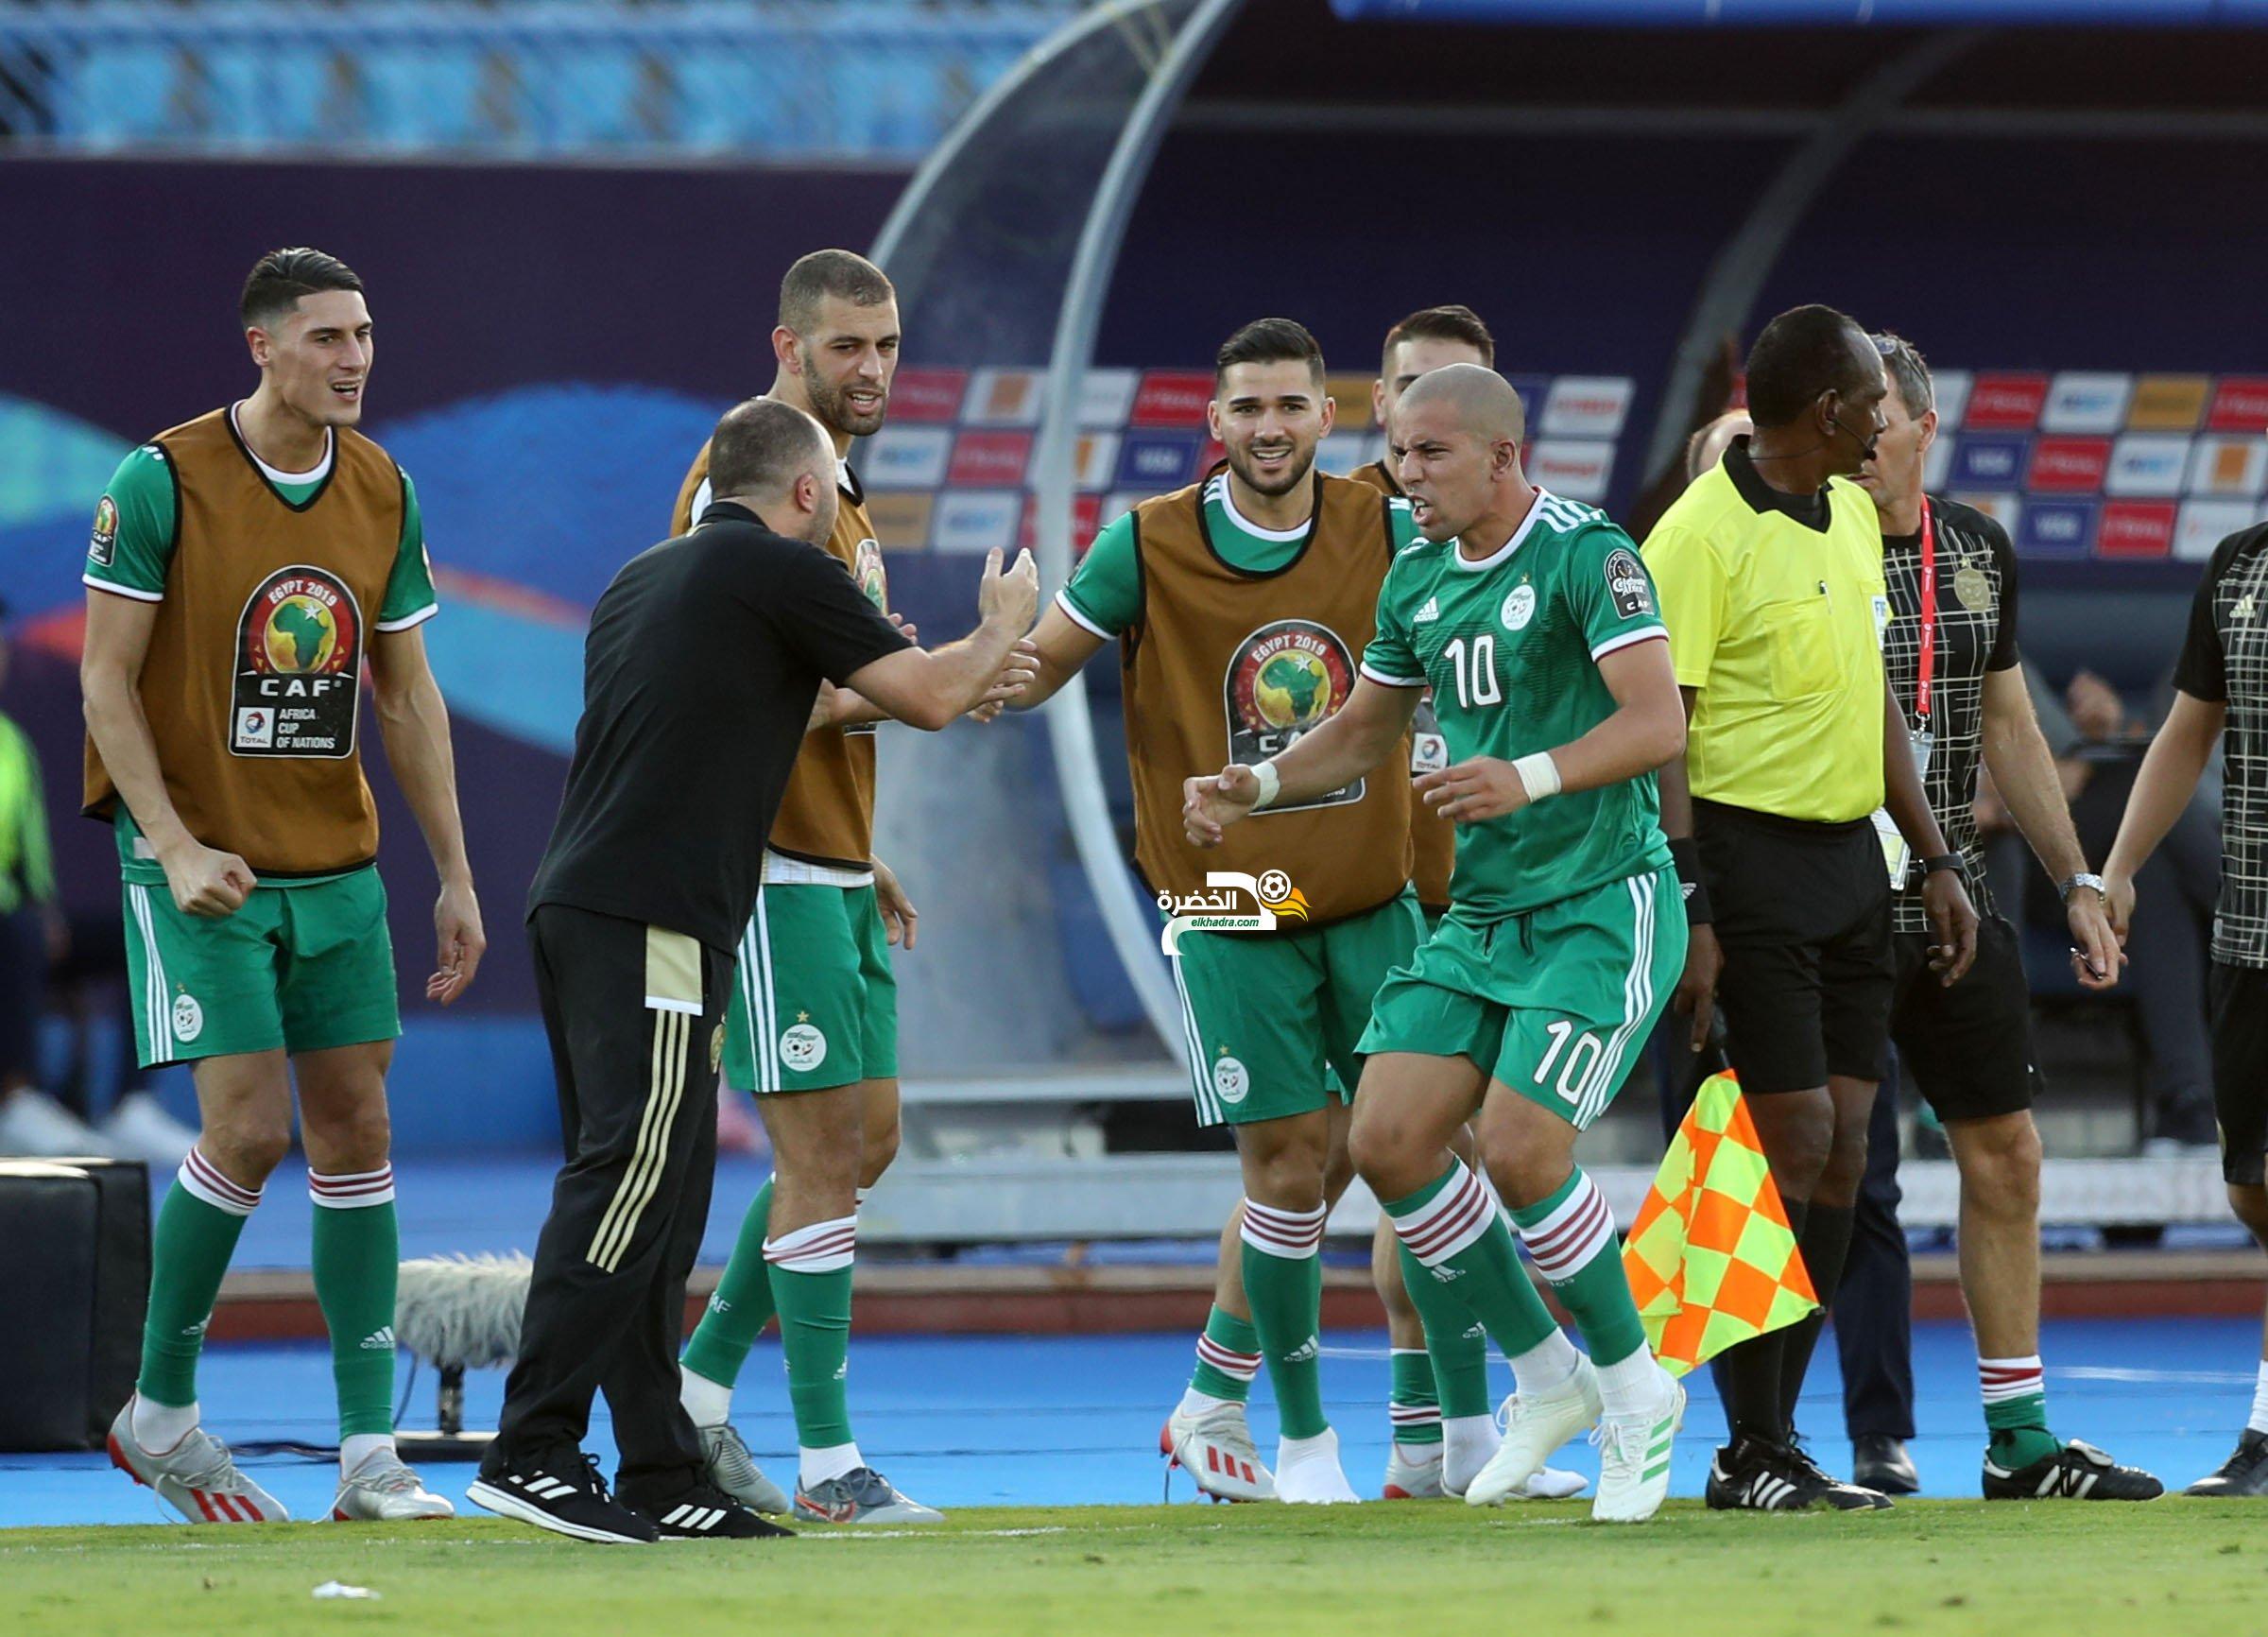 الجزائر تواجه نيجيريا في نصف نهائي كأس أمم إفريقيا 2019 24